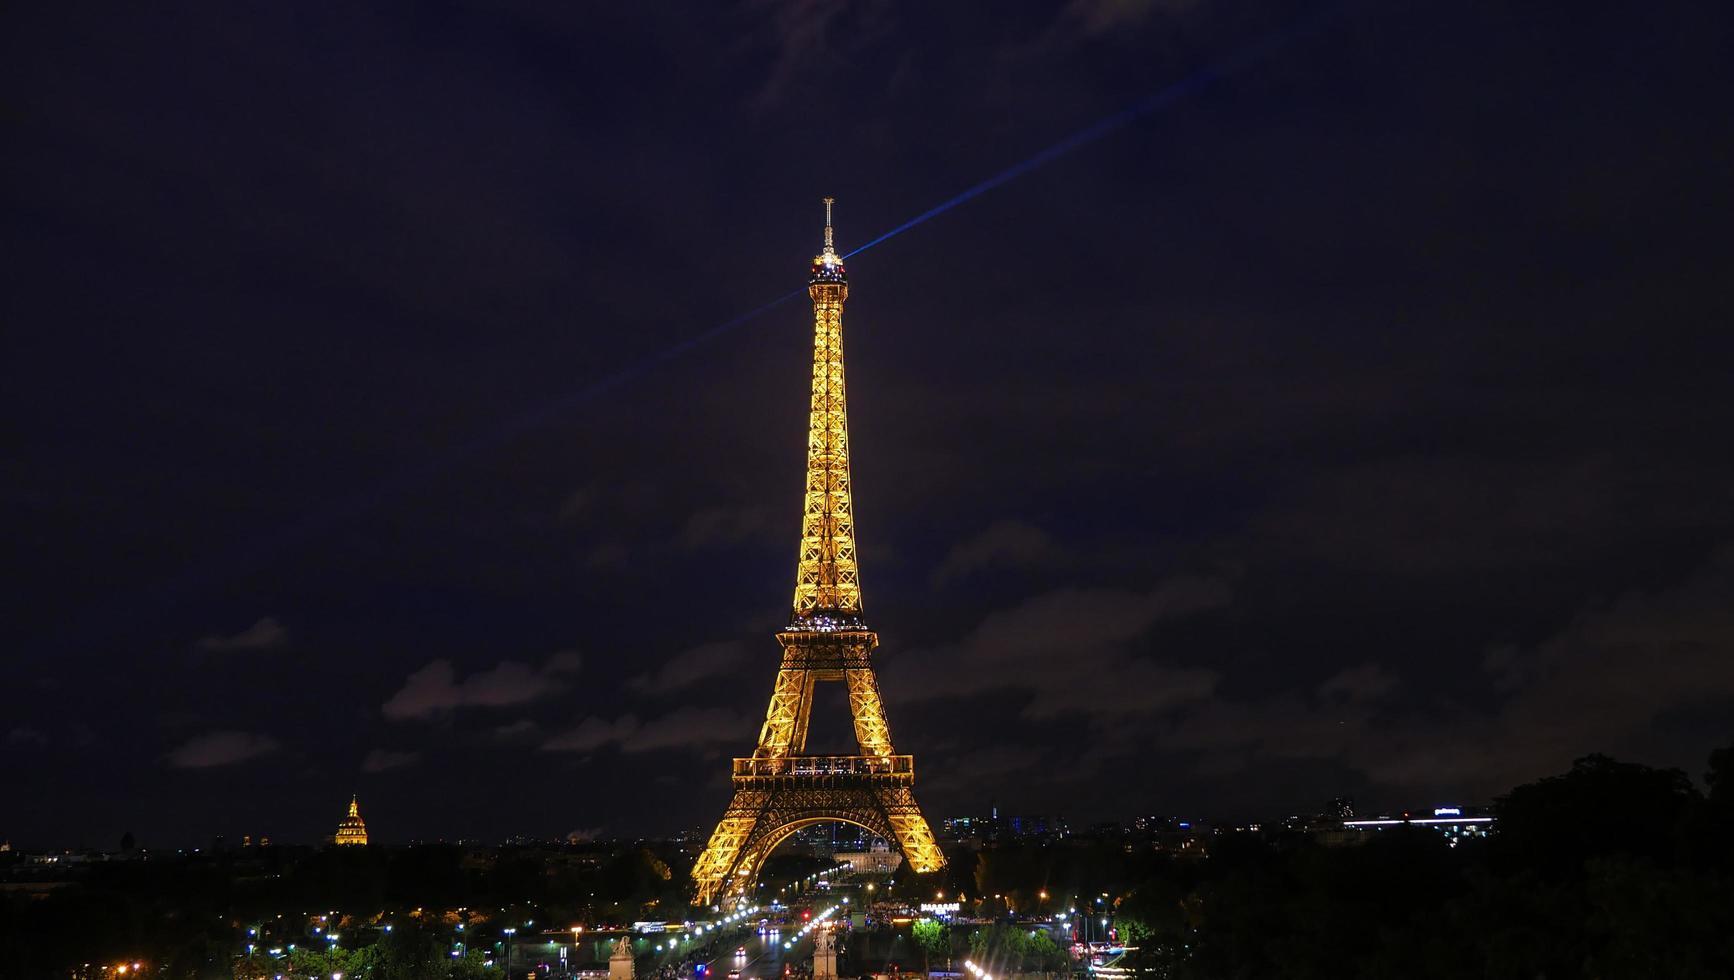 Parijs, Frankrijk, 2020 - Eiffeltoren 's nachts foto